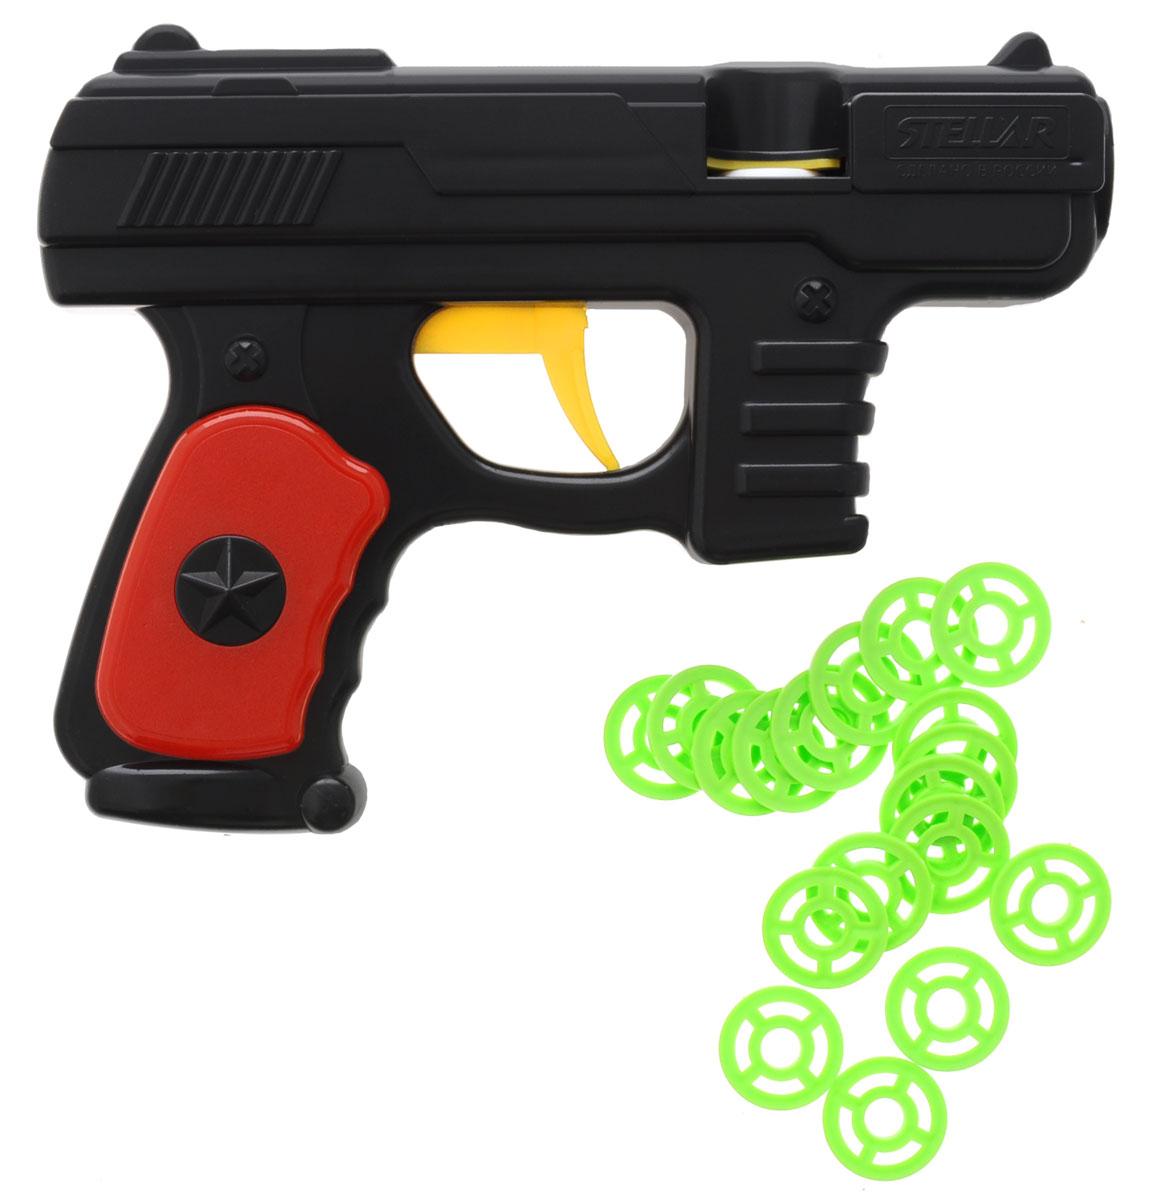 Stellar Пистолет дисковый1361_черныйДисковый пистолет Stellar - удивительный пластиковый пистолет, который понравится всем юным любителям пострелять. Игрушечный пистолет стреляет на небольшое расстояние необычными патронами - дисками (в комплекте). Игра с таким пистолетом поможет ребенку в развитии меткости, ловкости, координации движений и сноровке. Порадуйте ребенка такой замечательной игрушкой!